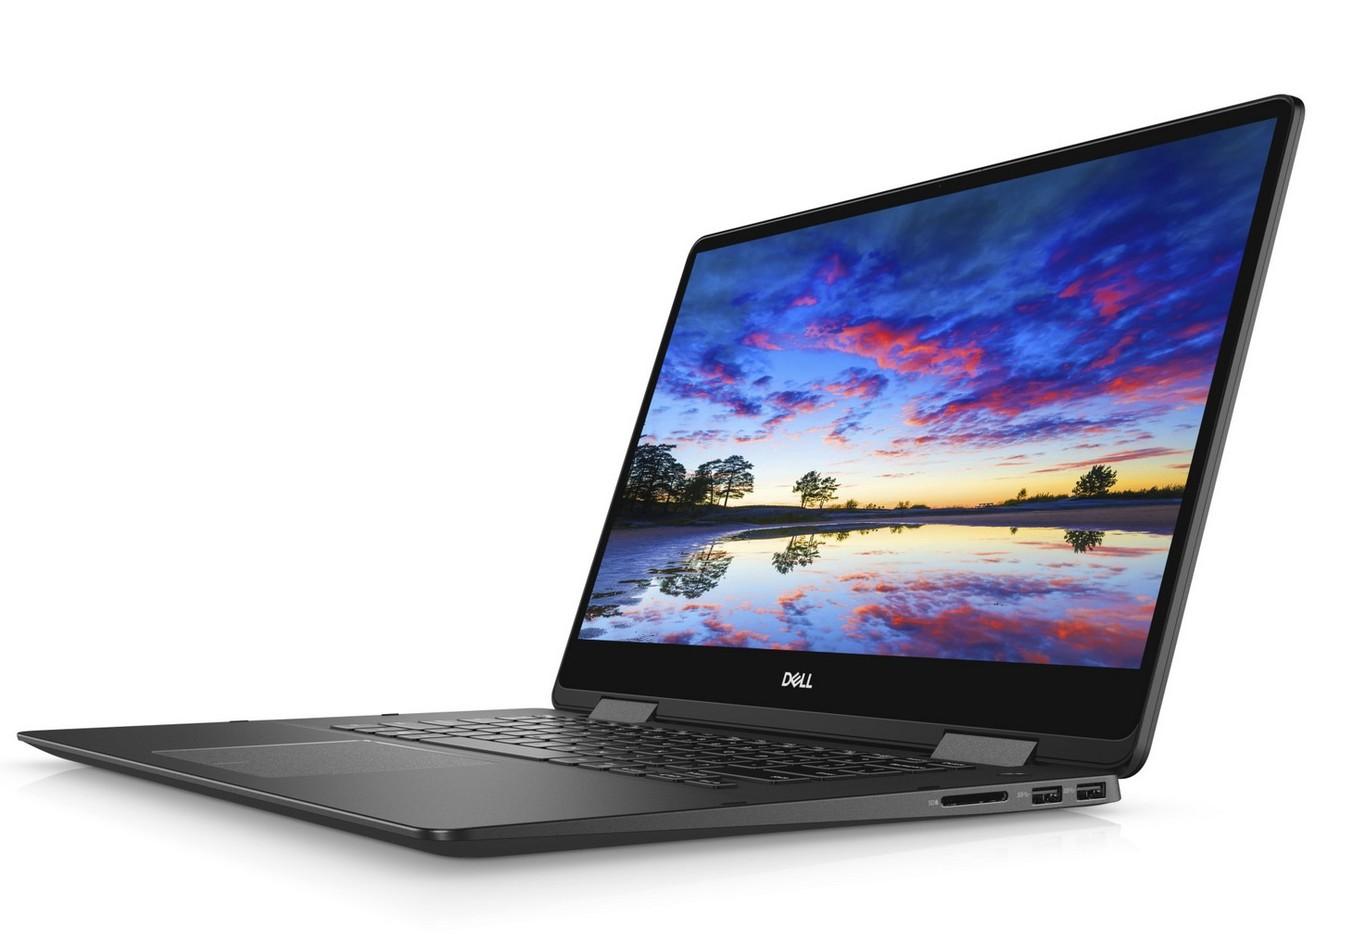 Dell contraataca con unos Inspiron 7000 envidiables y sus nuevos monitores Ultrathin de 29 mm de grosor